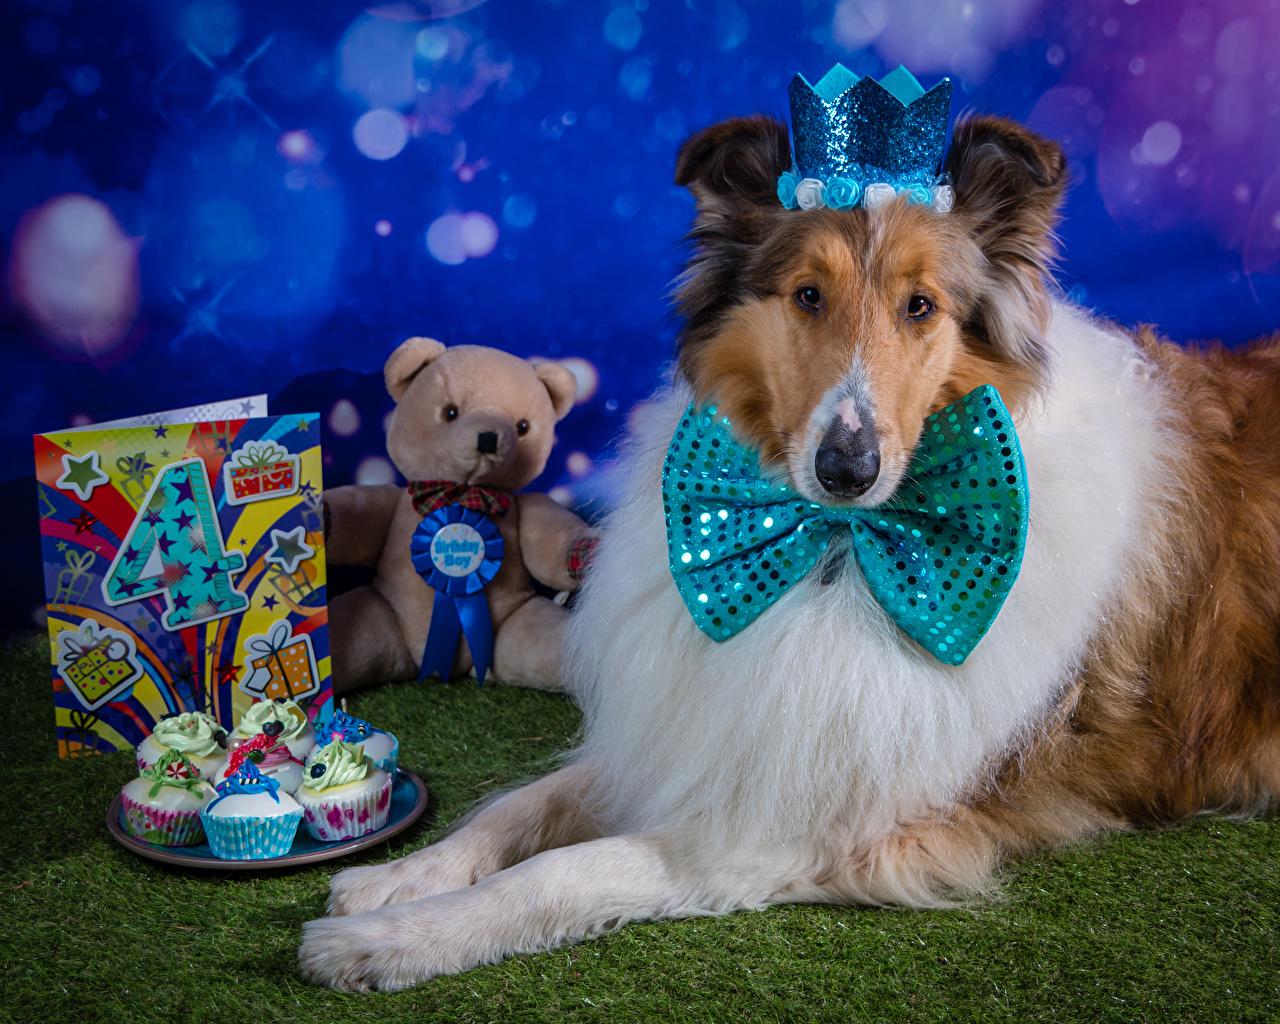 Bilder på skrivbordet Collie Födelsedag hund Krona Cupcake Nallebjörn Fluga rosett Djur Hundar